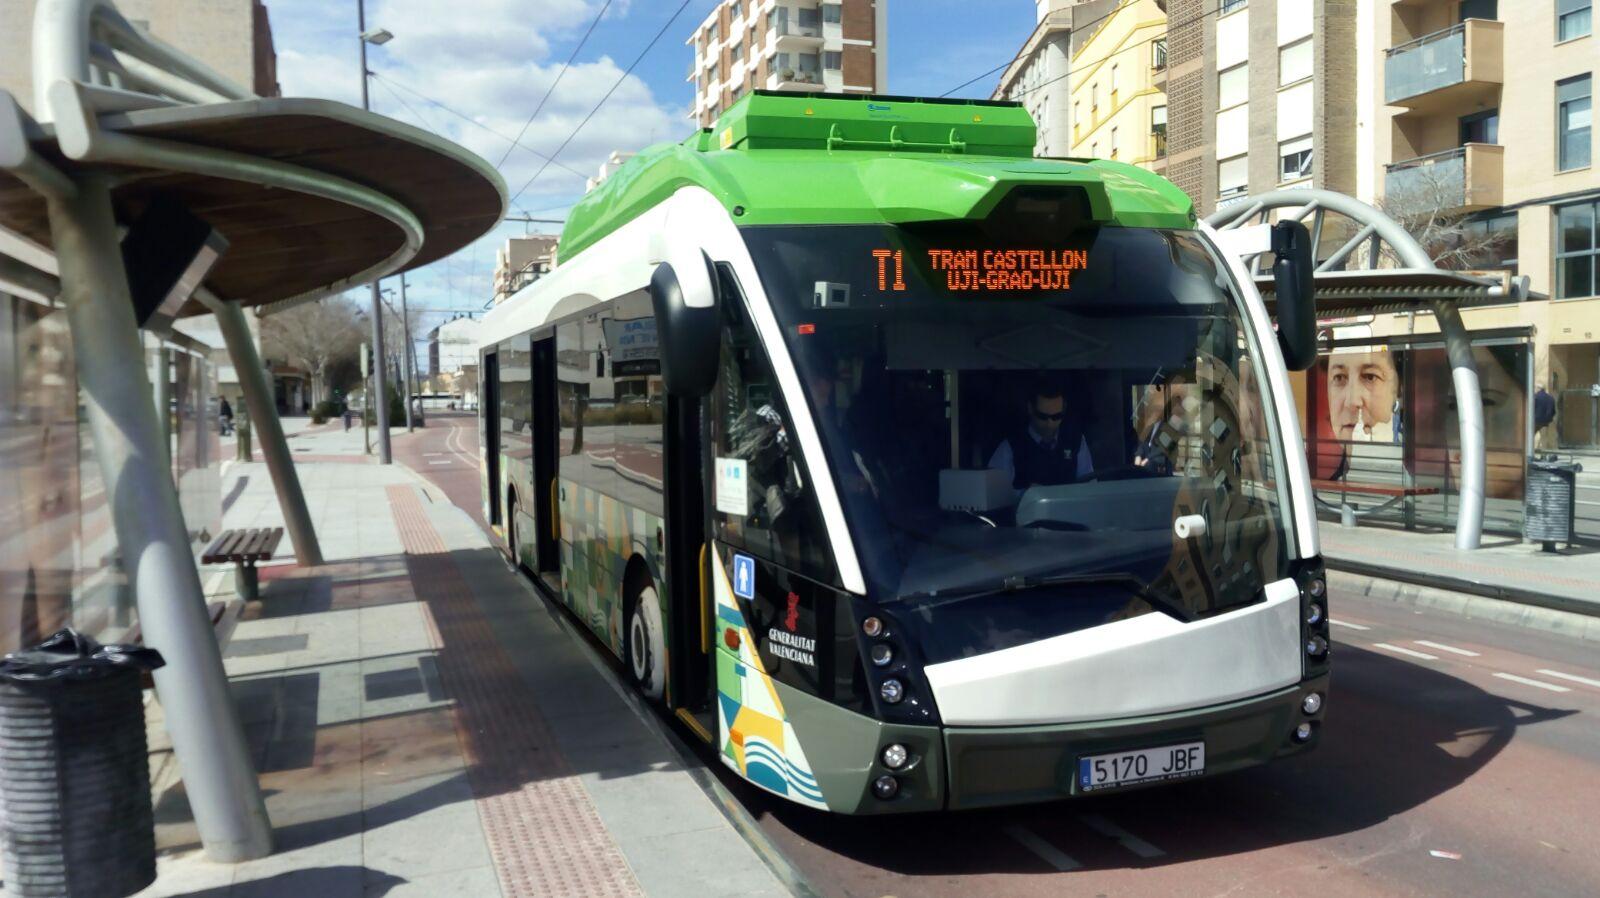 La Generalitat ofrecerá en las fiestas de la Magdalena servicios especiales del TRAM de Castelló y un abono de transporte por 9 euros